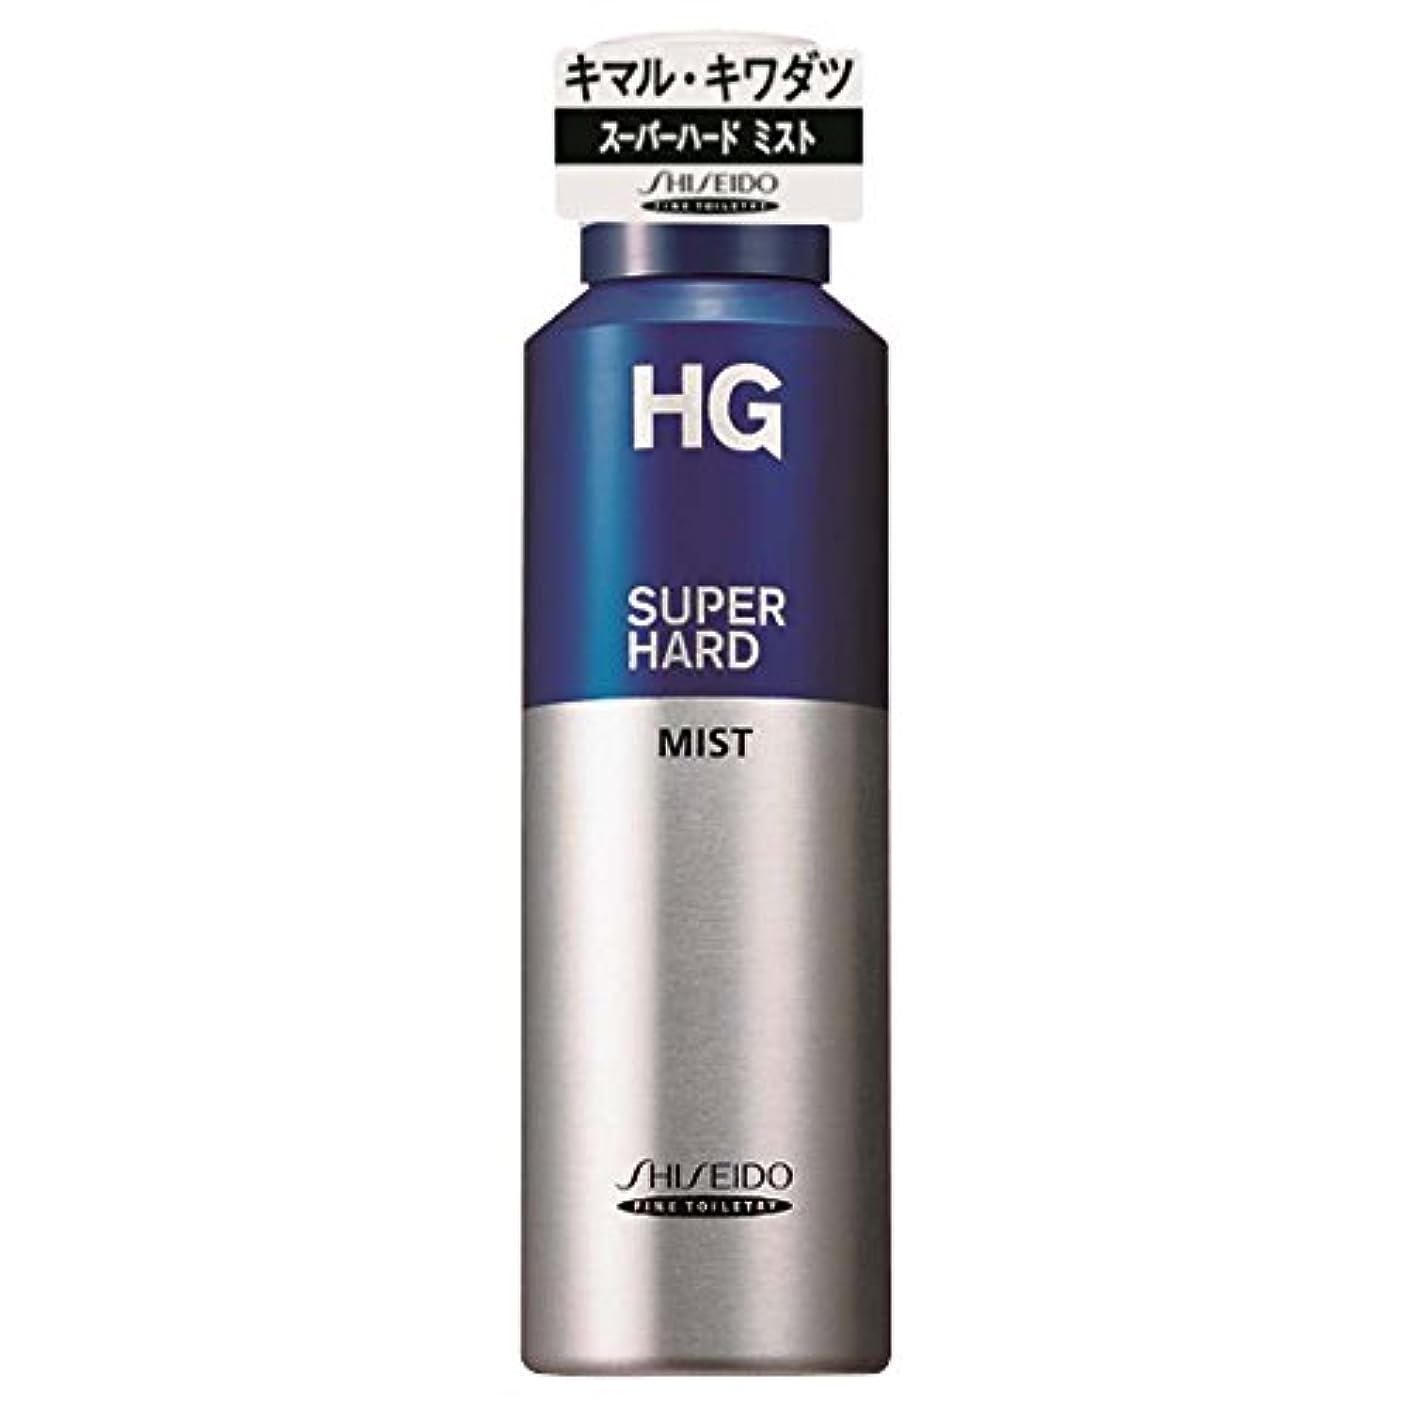 ダイエット謝罪妥協HG スーパーハードミストa 【HTRC3】